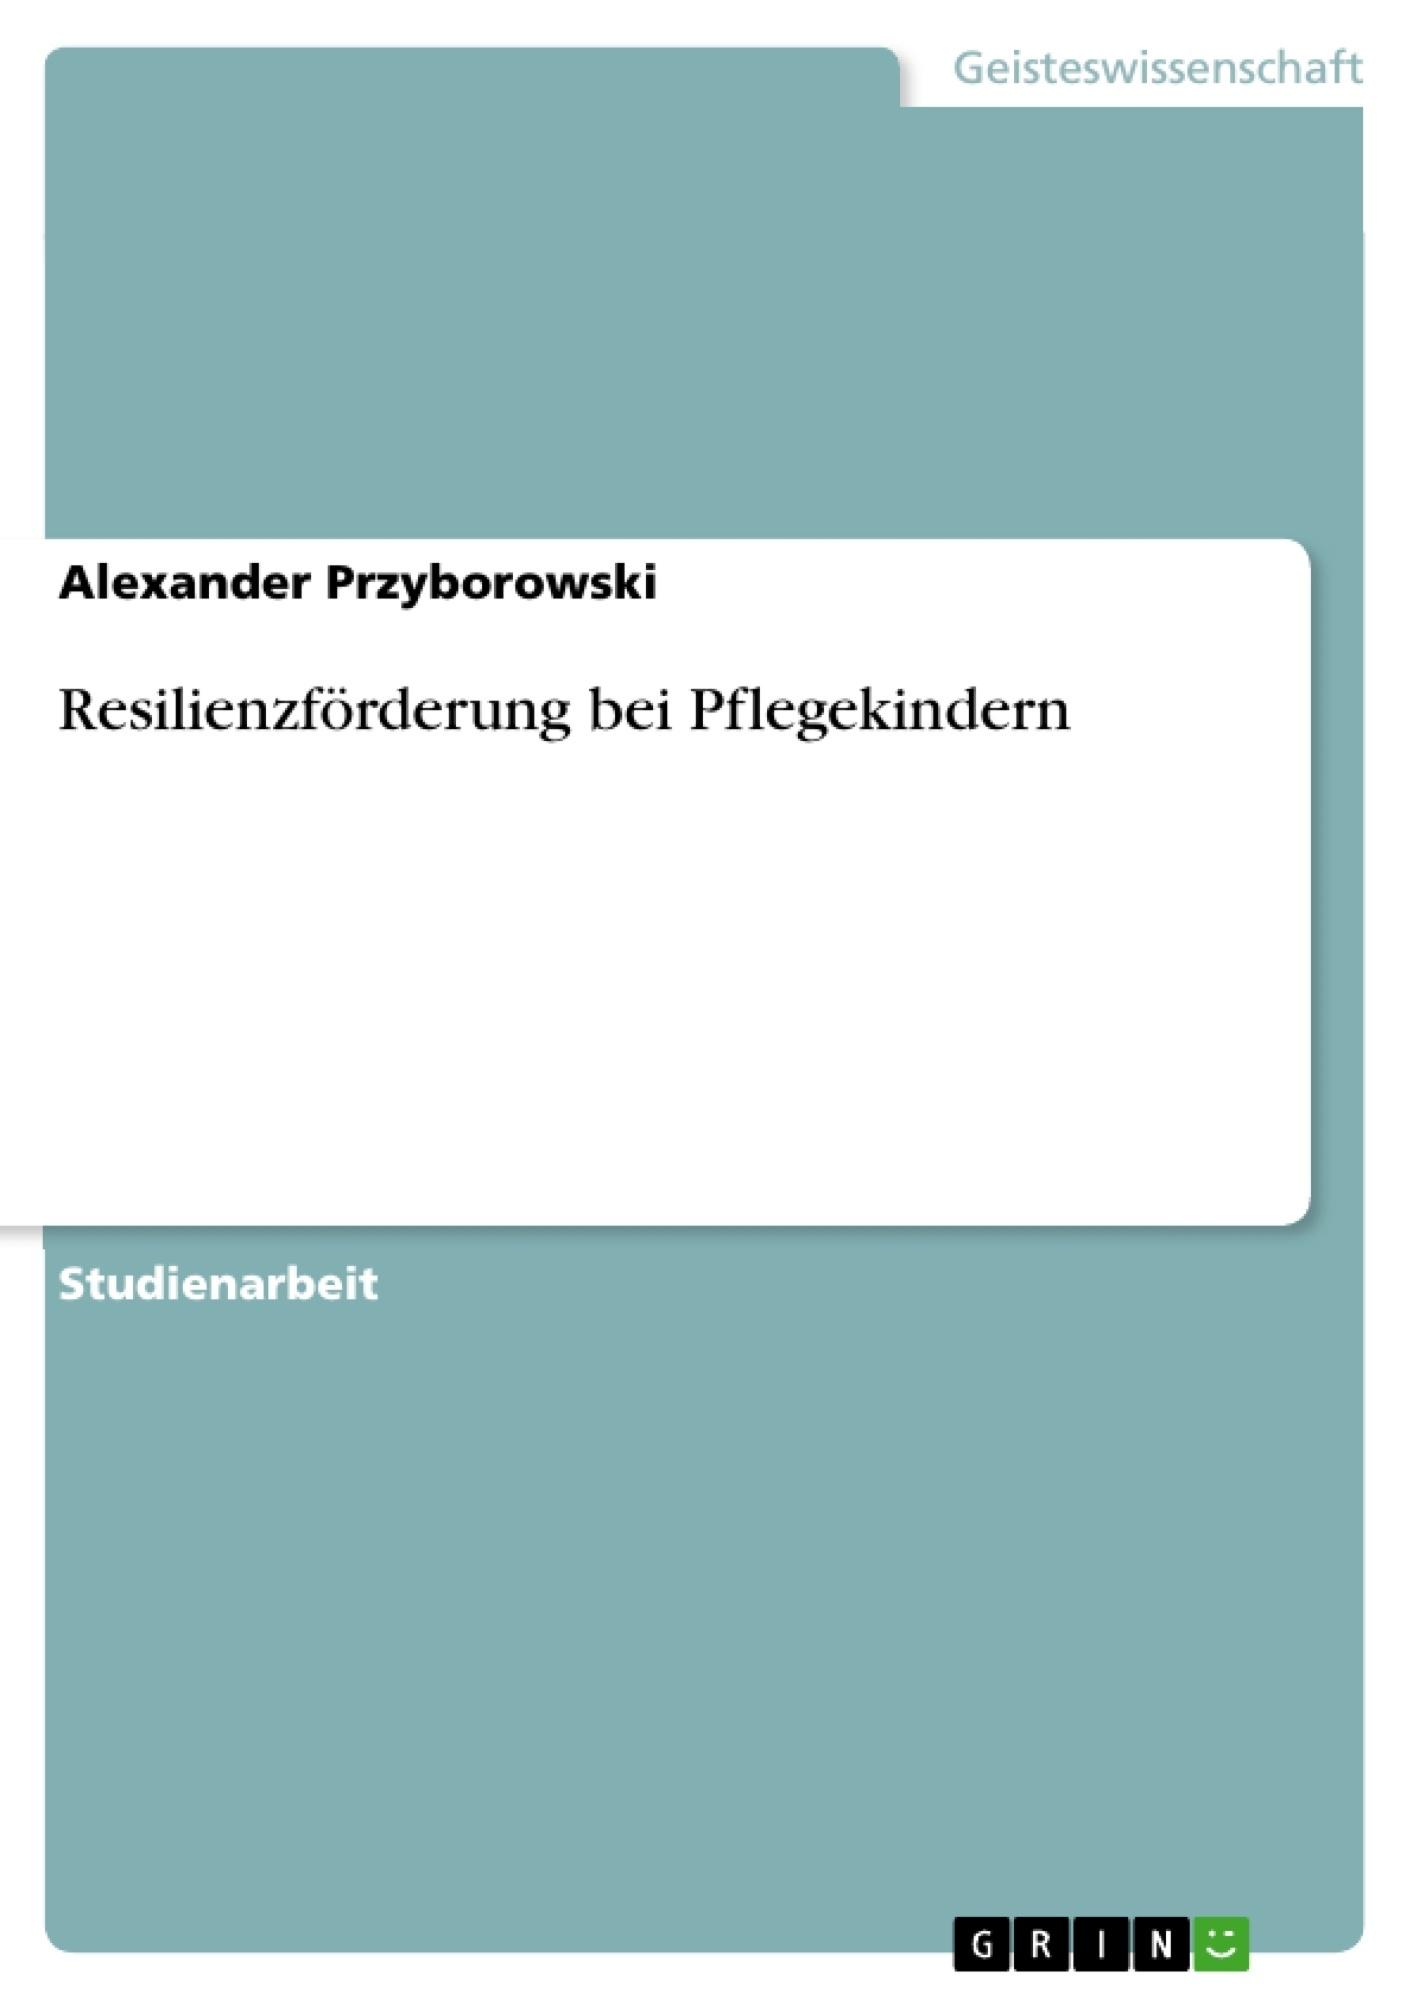 Titel: Resilienzförderung bei Pflegekindern